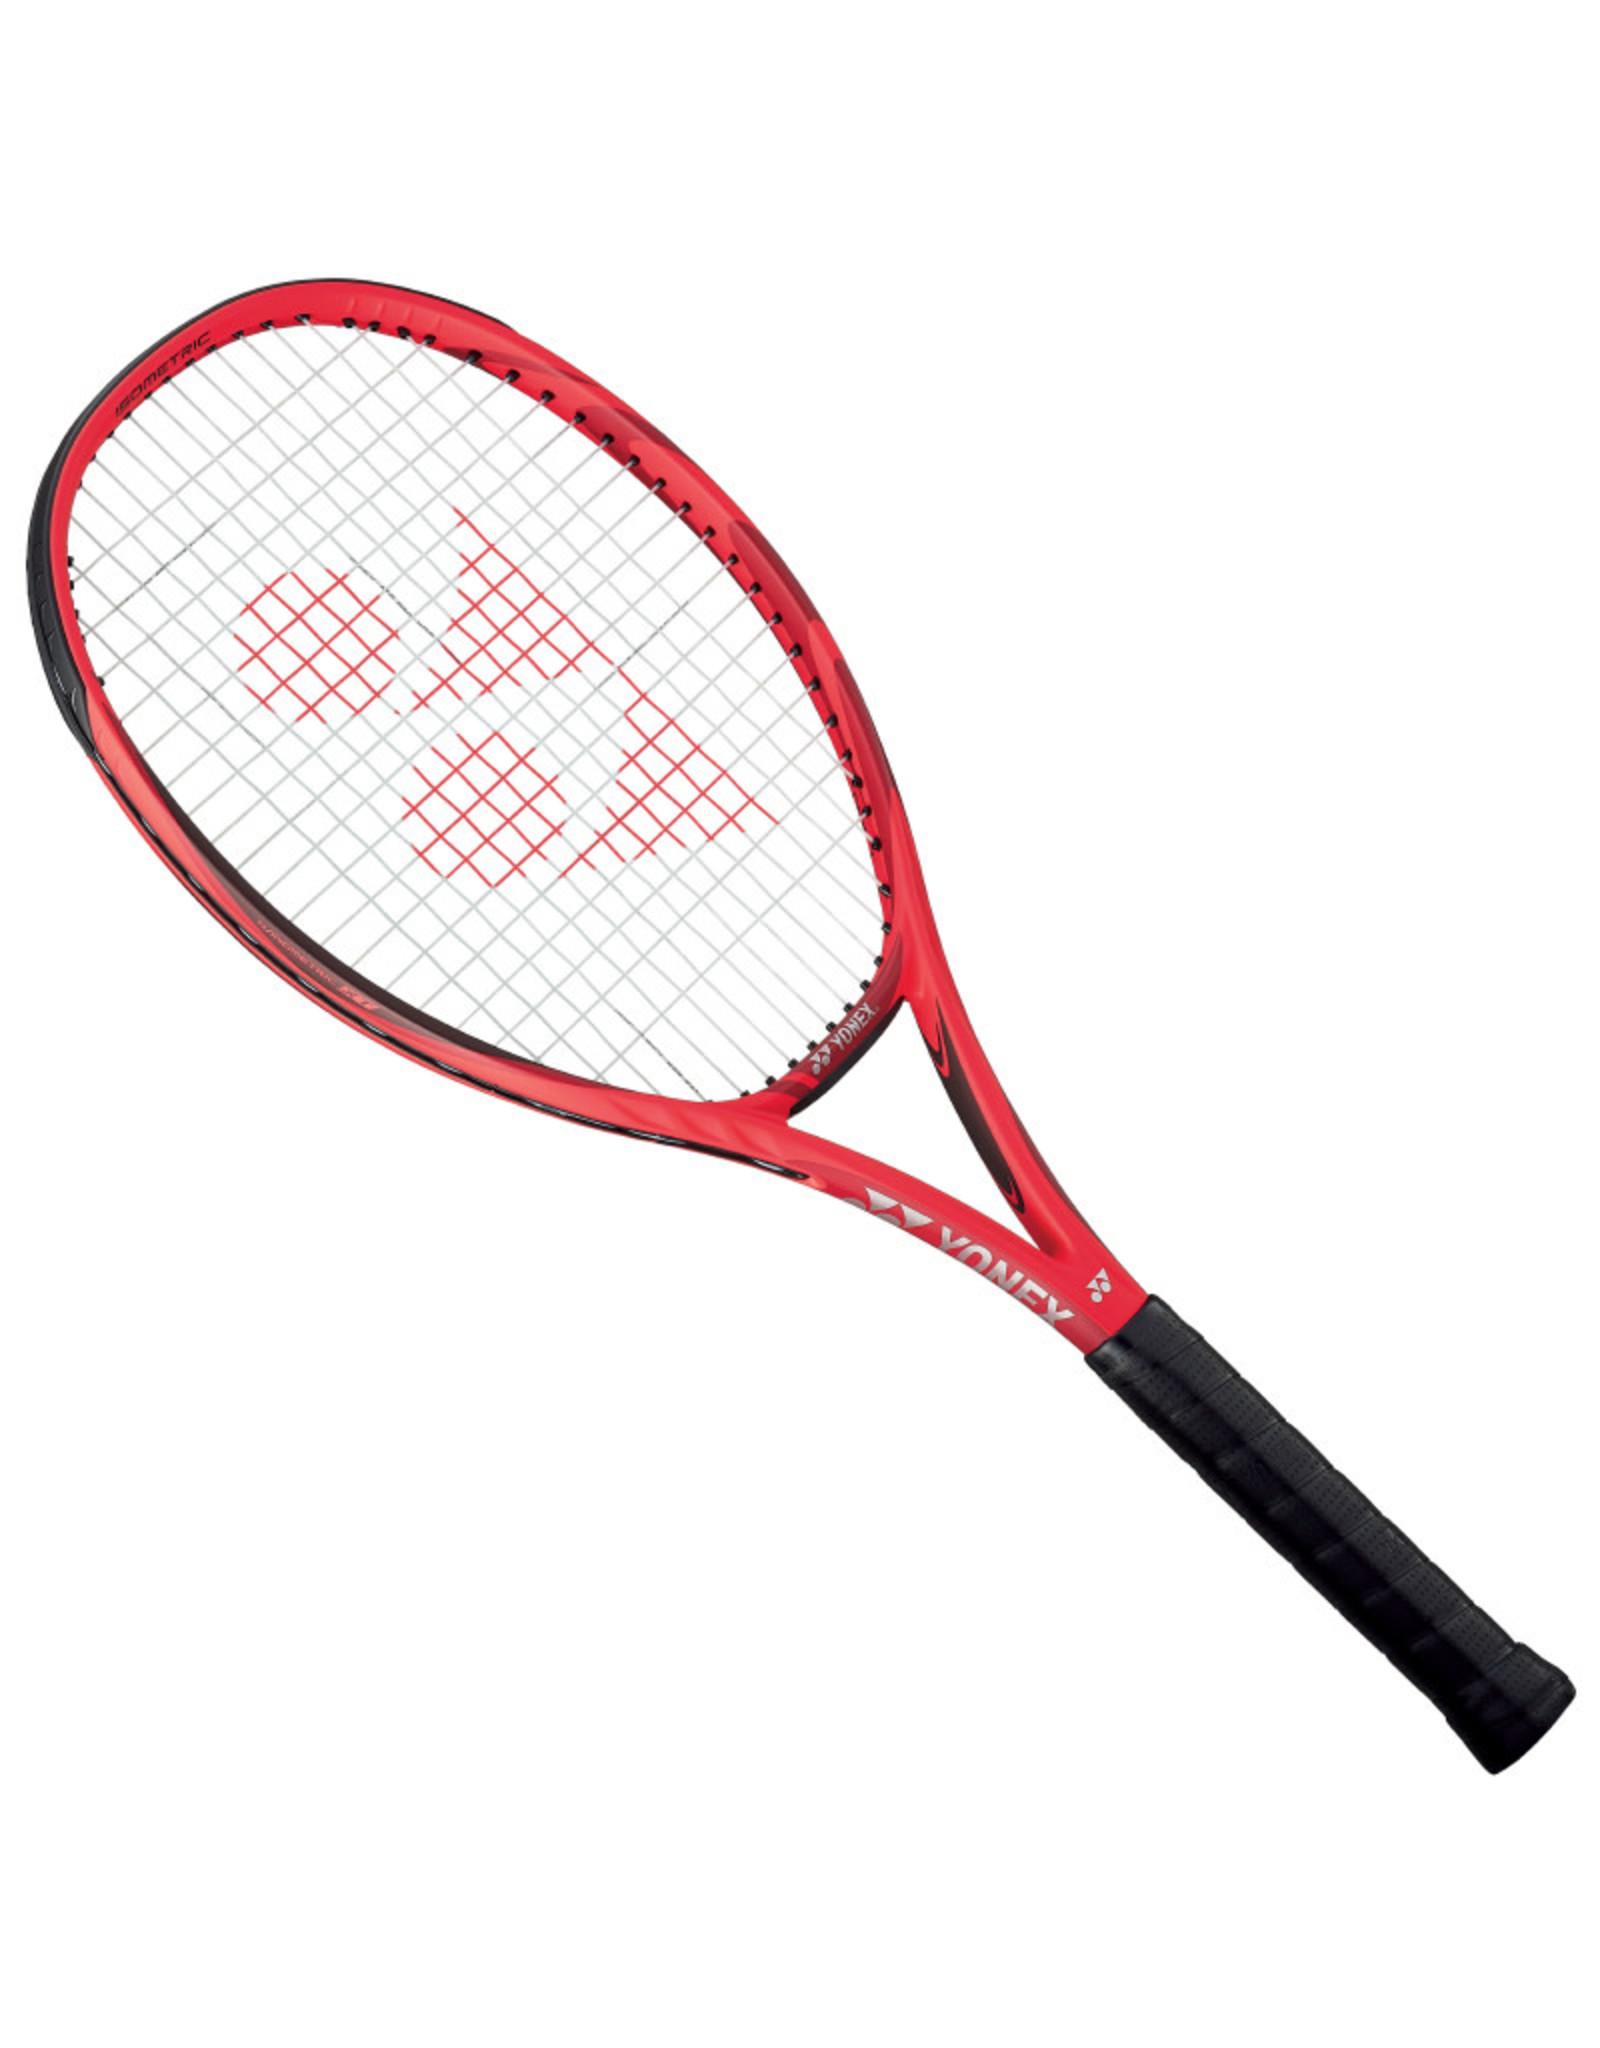 Yonex Yonex Vcore 100 (300g) Tennis Racquet